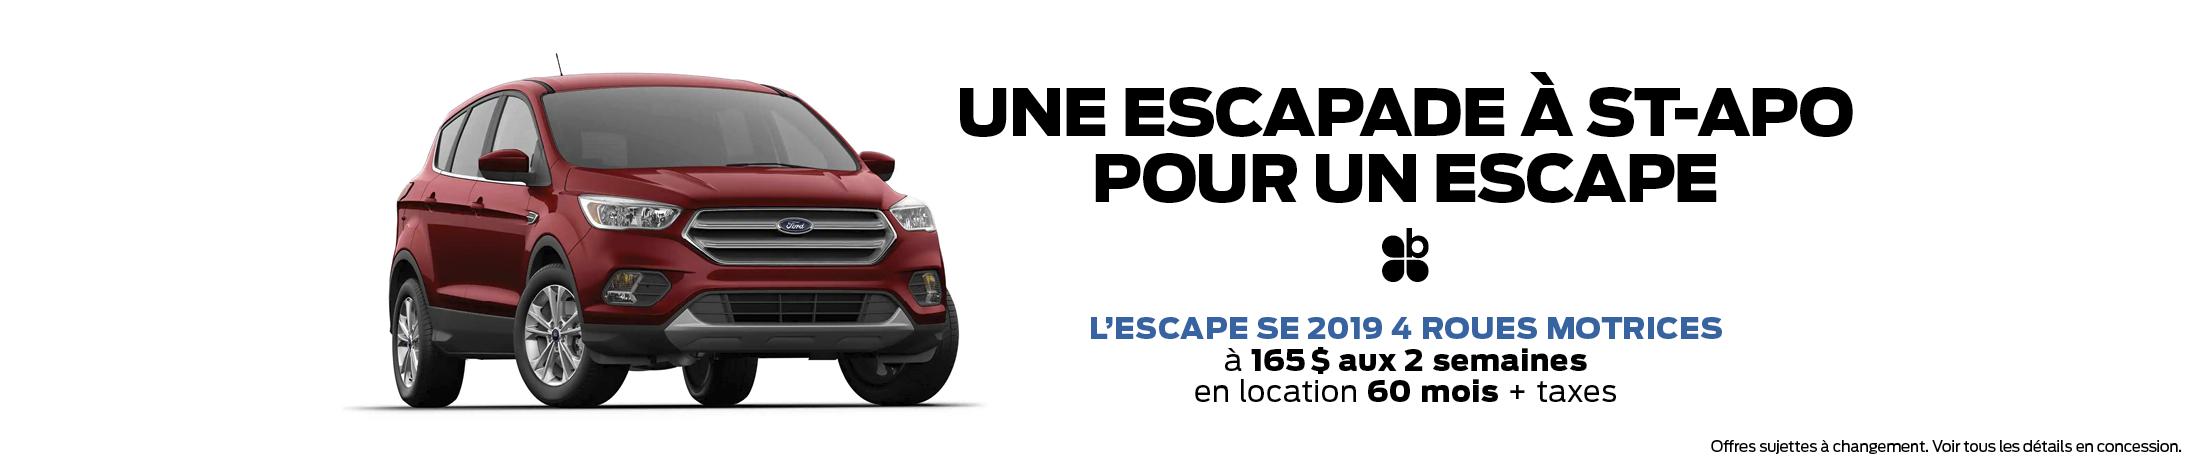 Escapage Escape